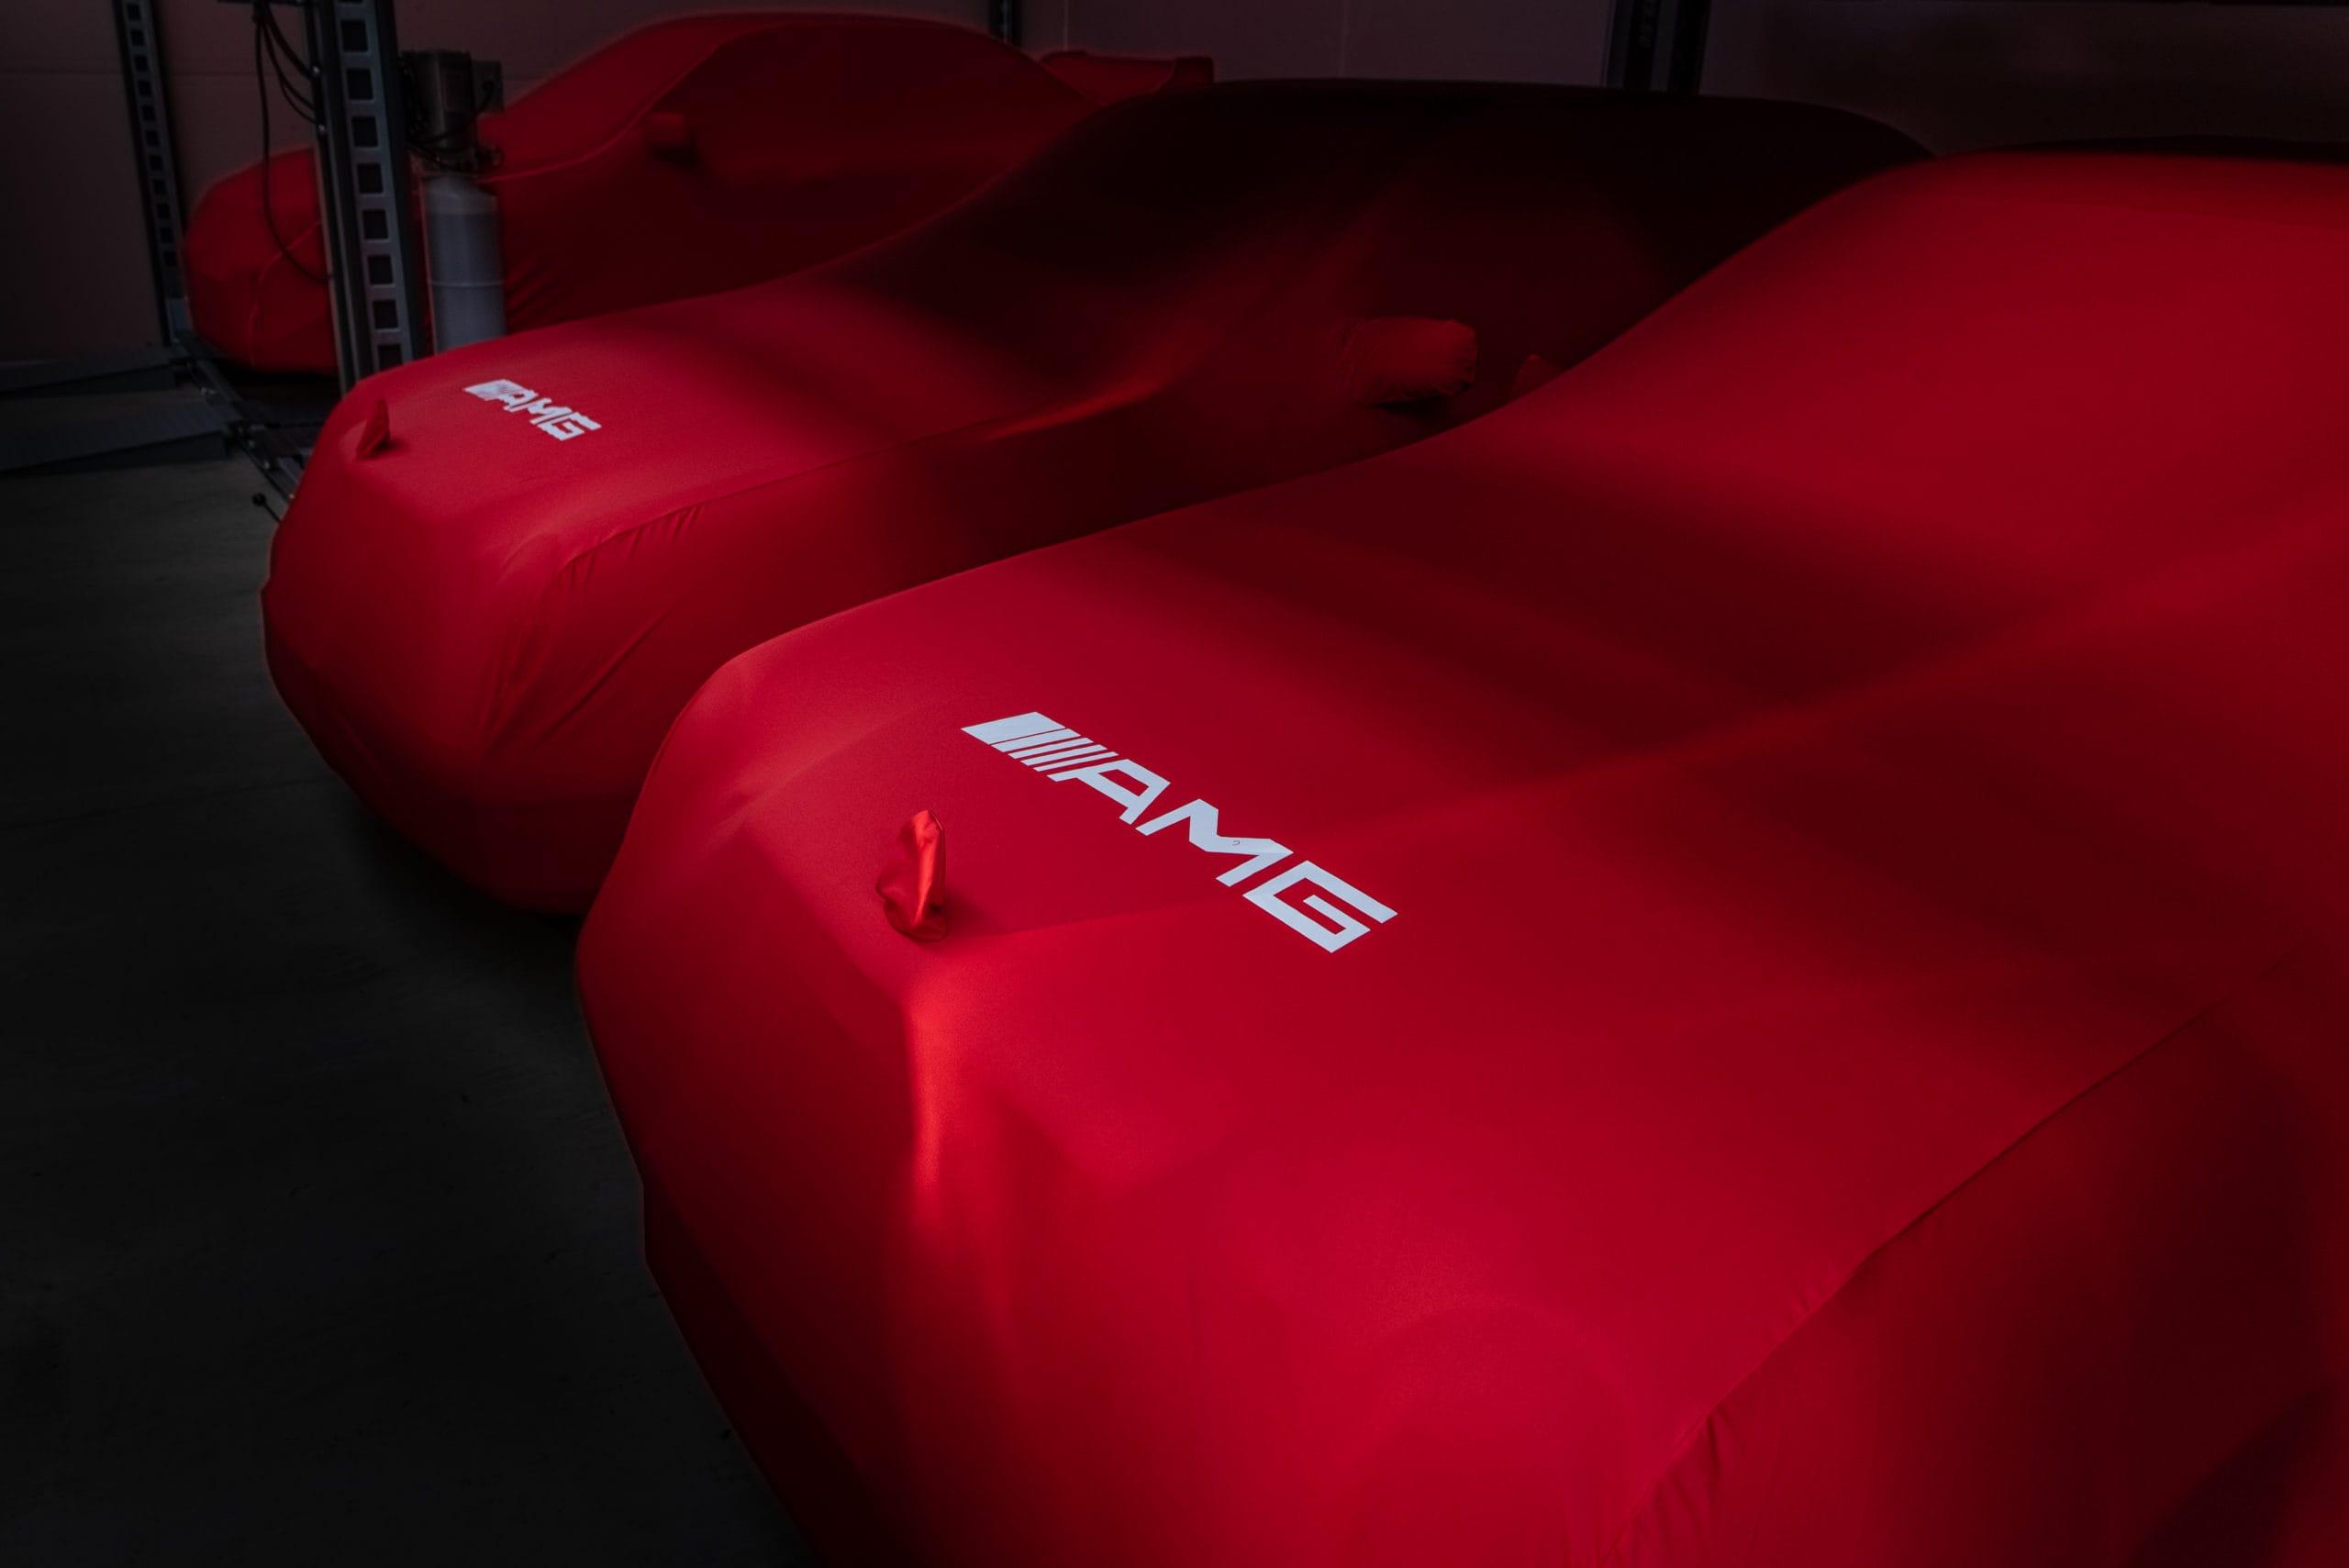 Meilt saad tellida spetsiifiliselt oma auto mudelile toodetud, sise- või välitingimusteks mõeldud autokatte!